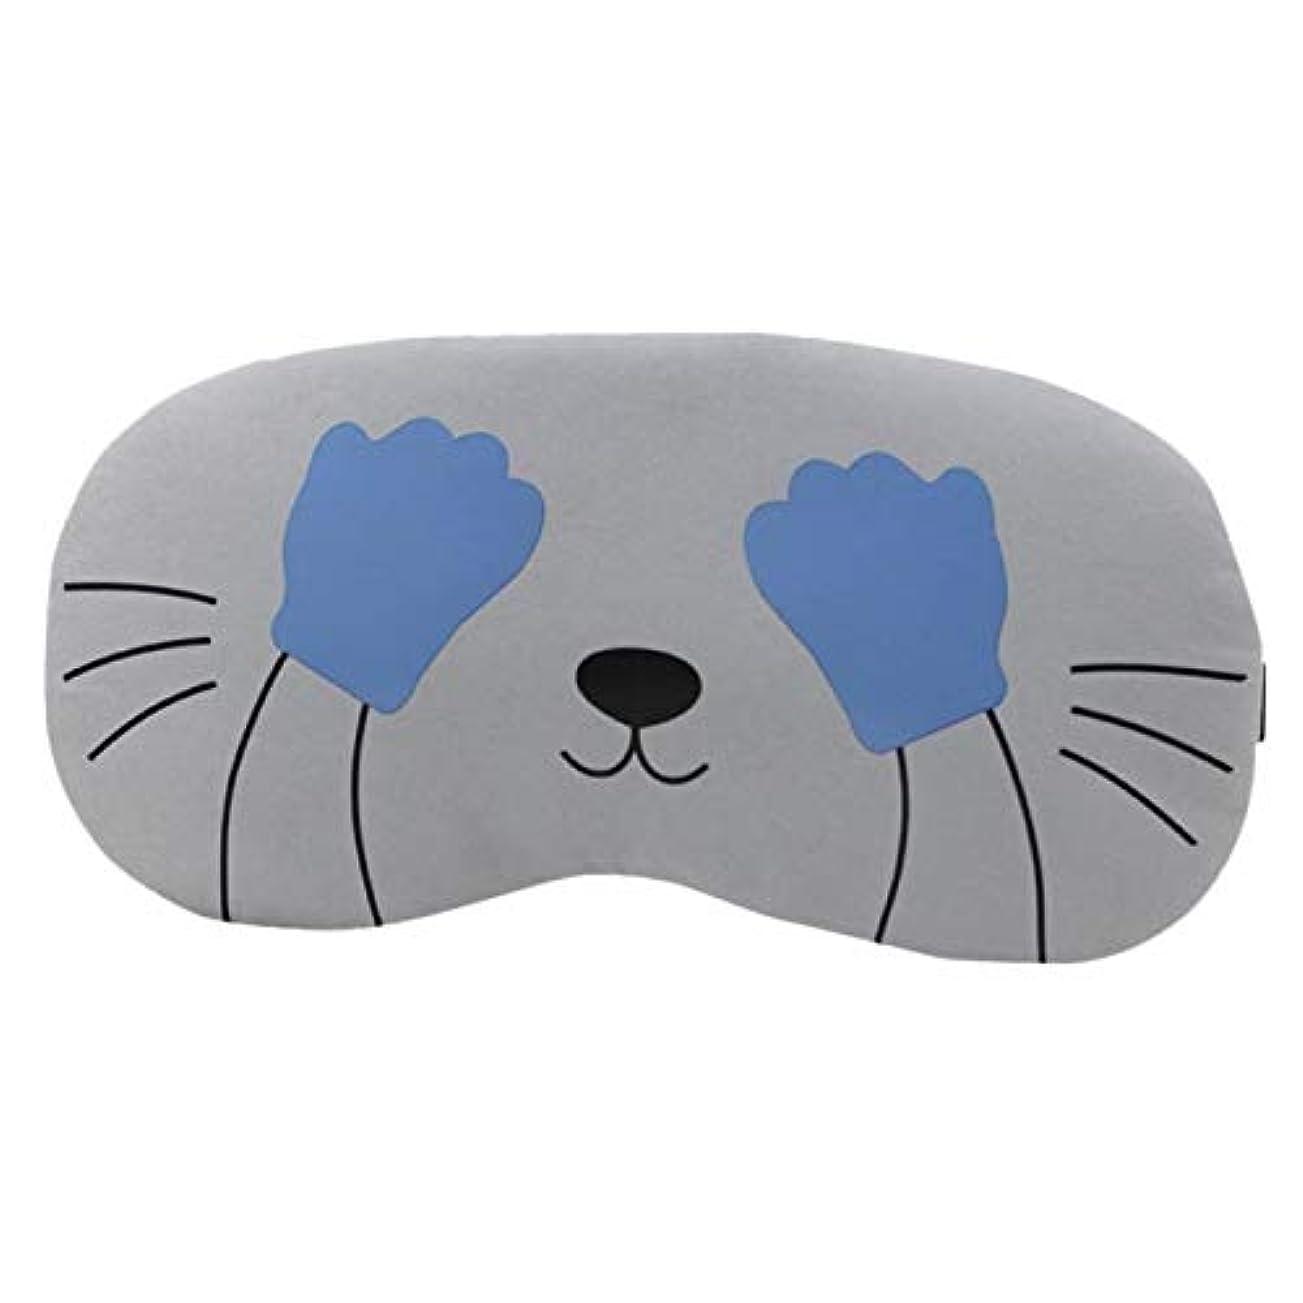 戦術人気のトロリーNOTE Cutesleepingアイマスク漫画猫ソフトトラベルアイシェードカバー残りリラックス睡眠目隠しドロップシッピング2U0817